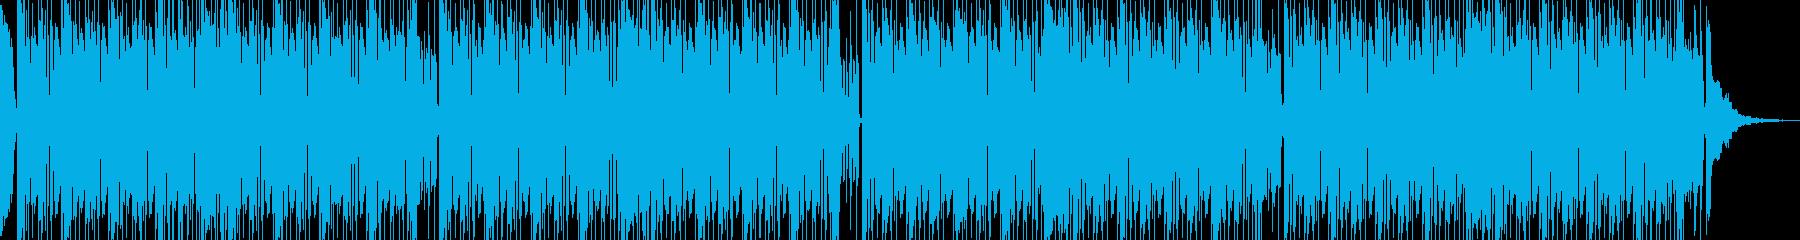 【ニュース】緊迫のベッキーの再生済みの波形